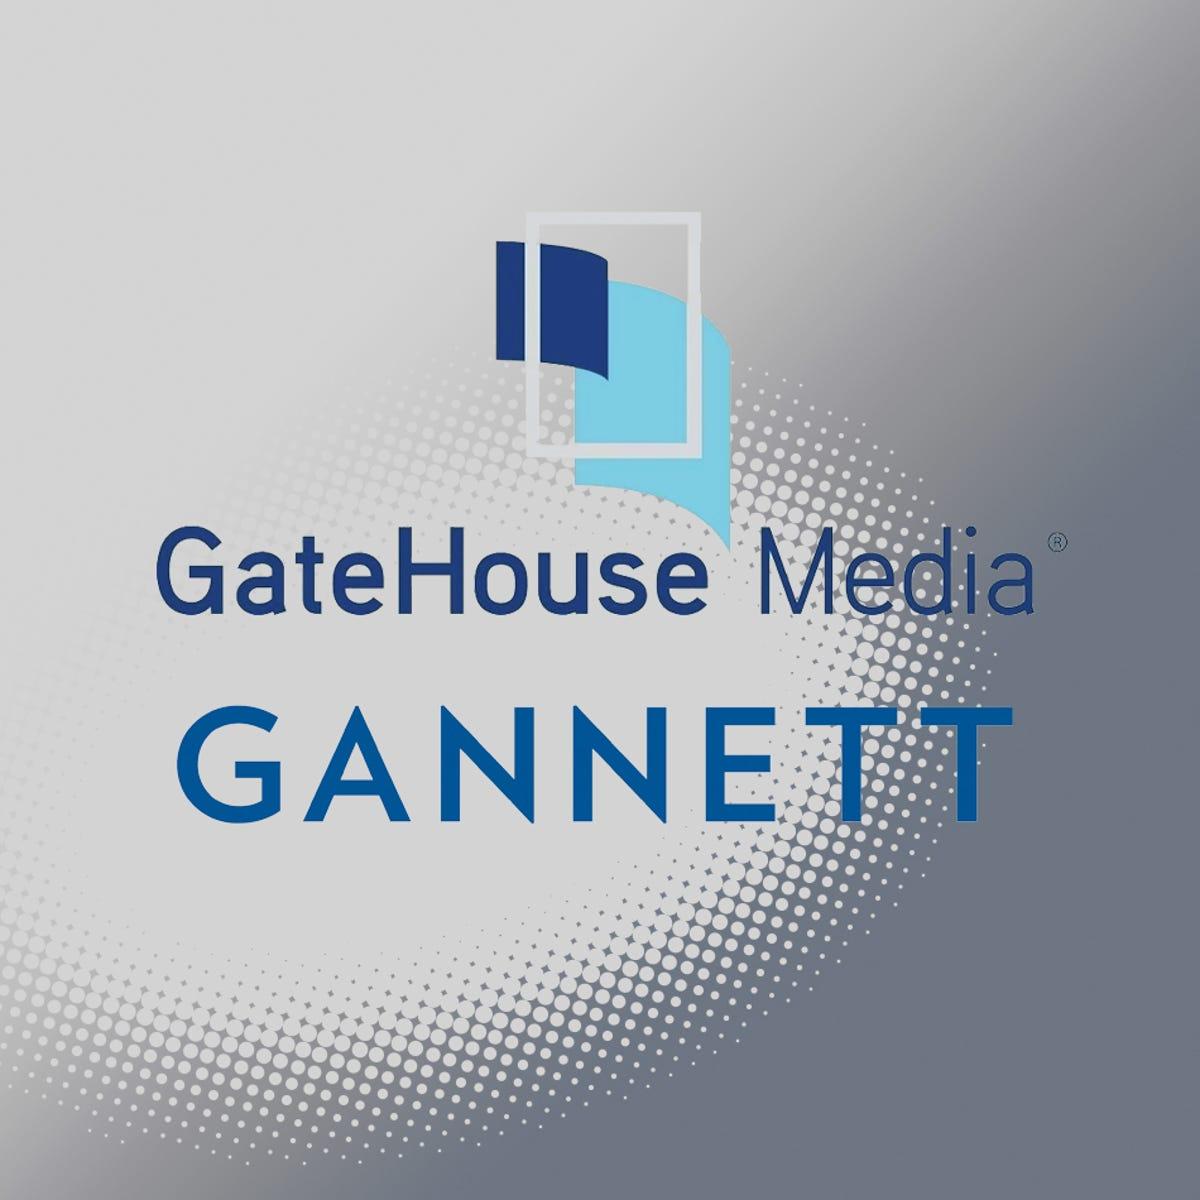 Resultado de imagen para GateHouse Media y Gannett